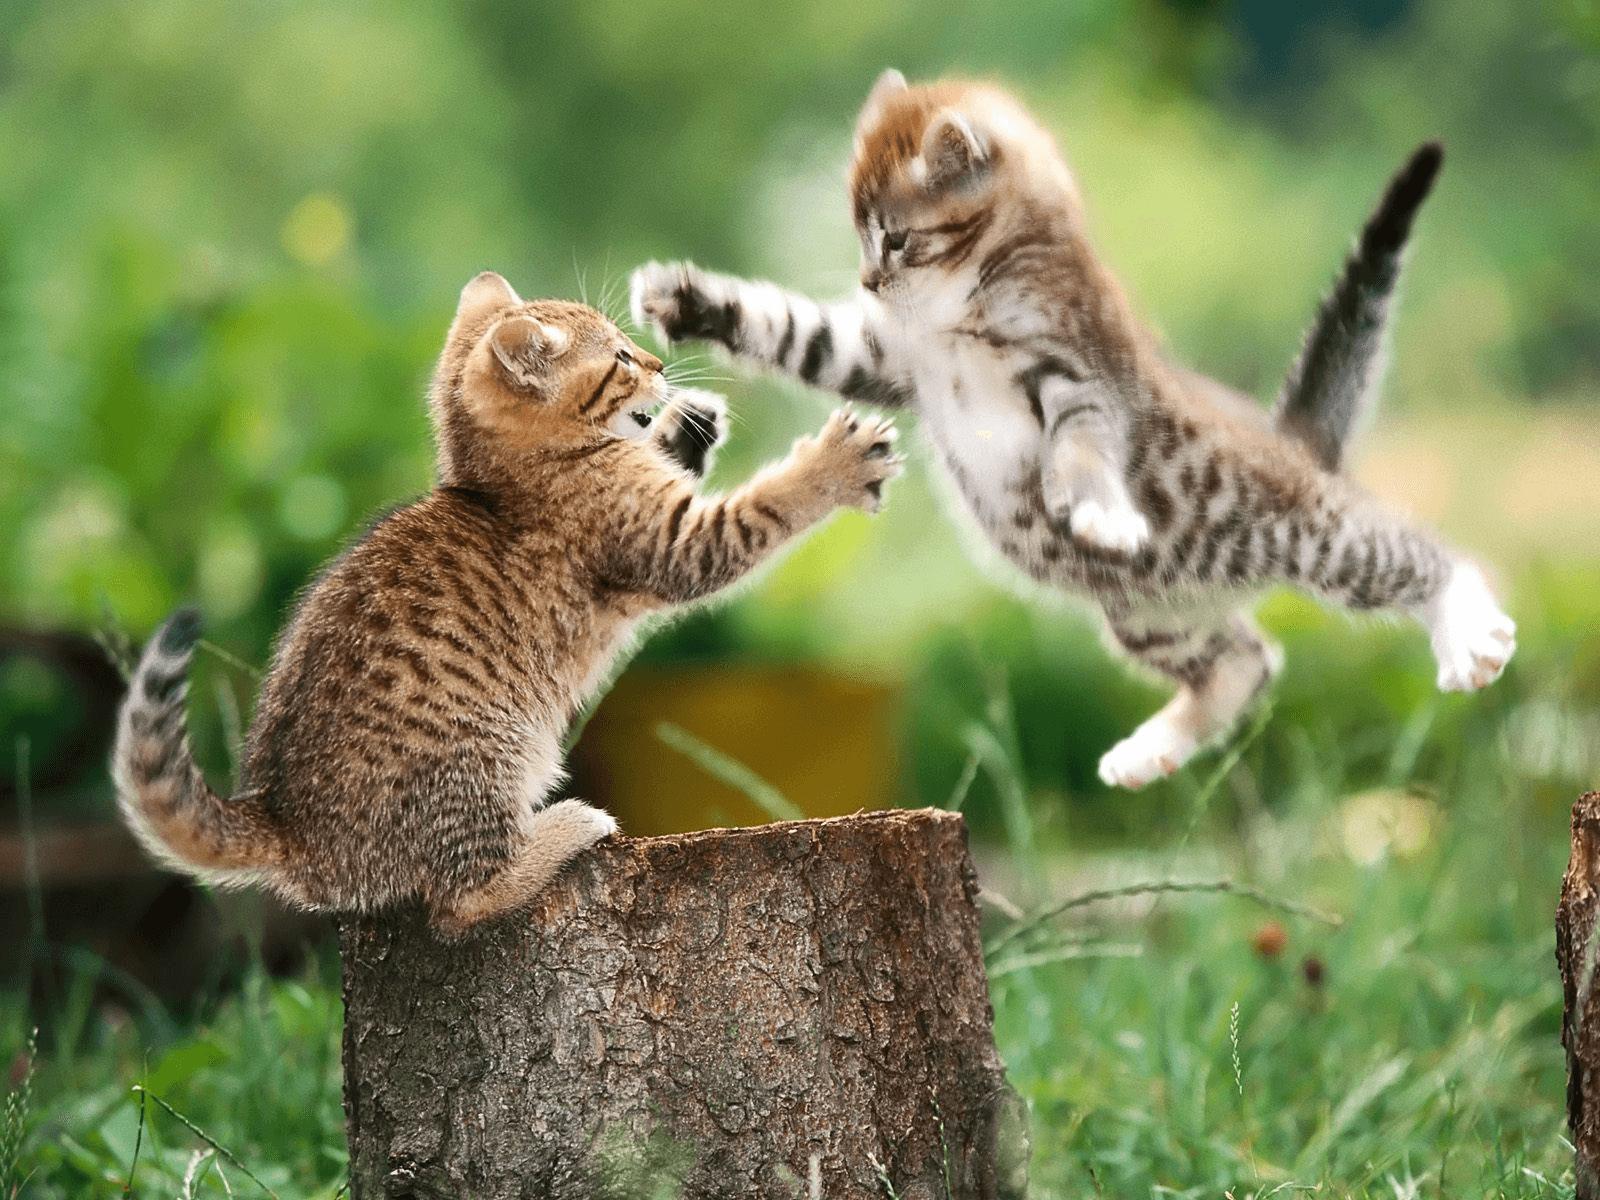 חתולים קטנים רבים